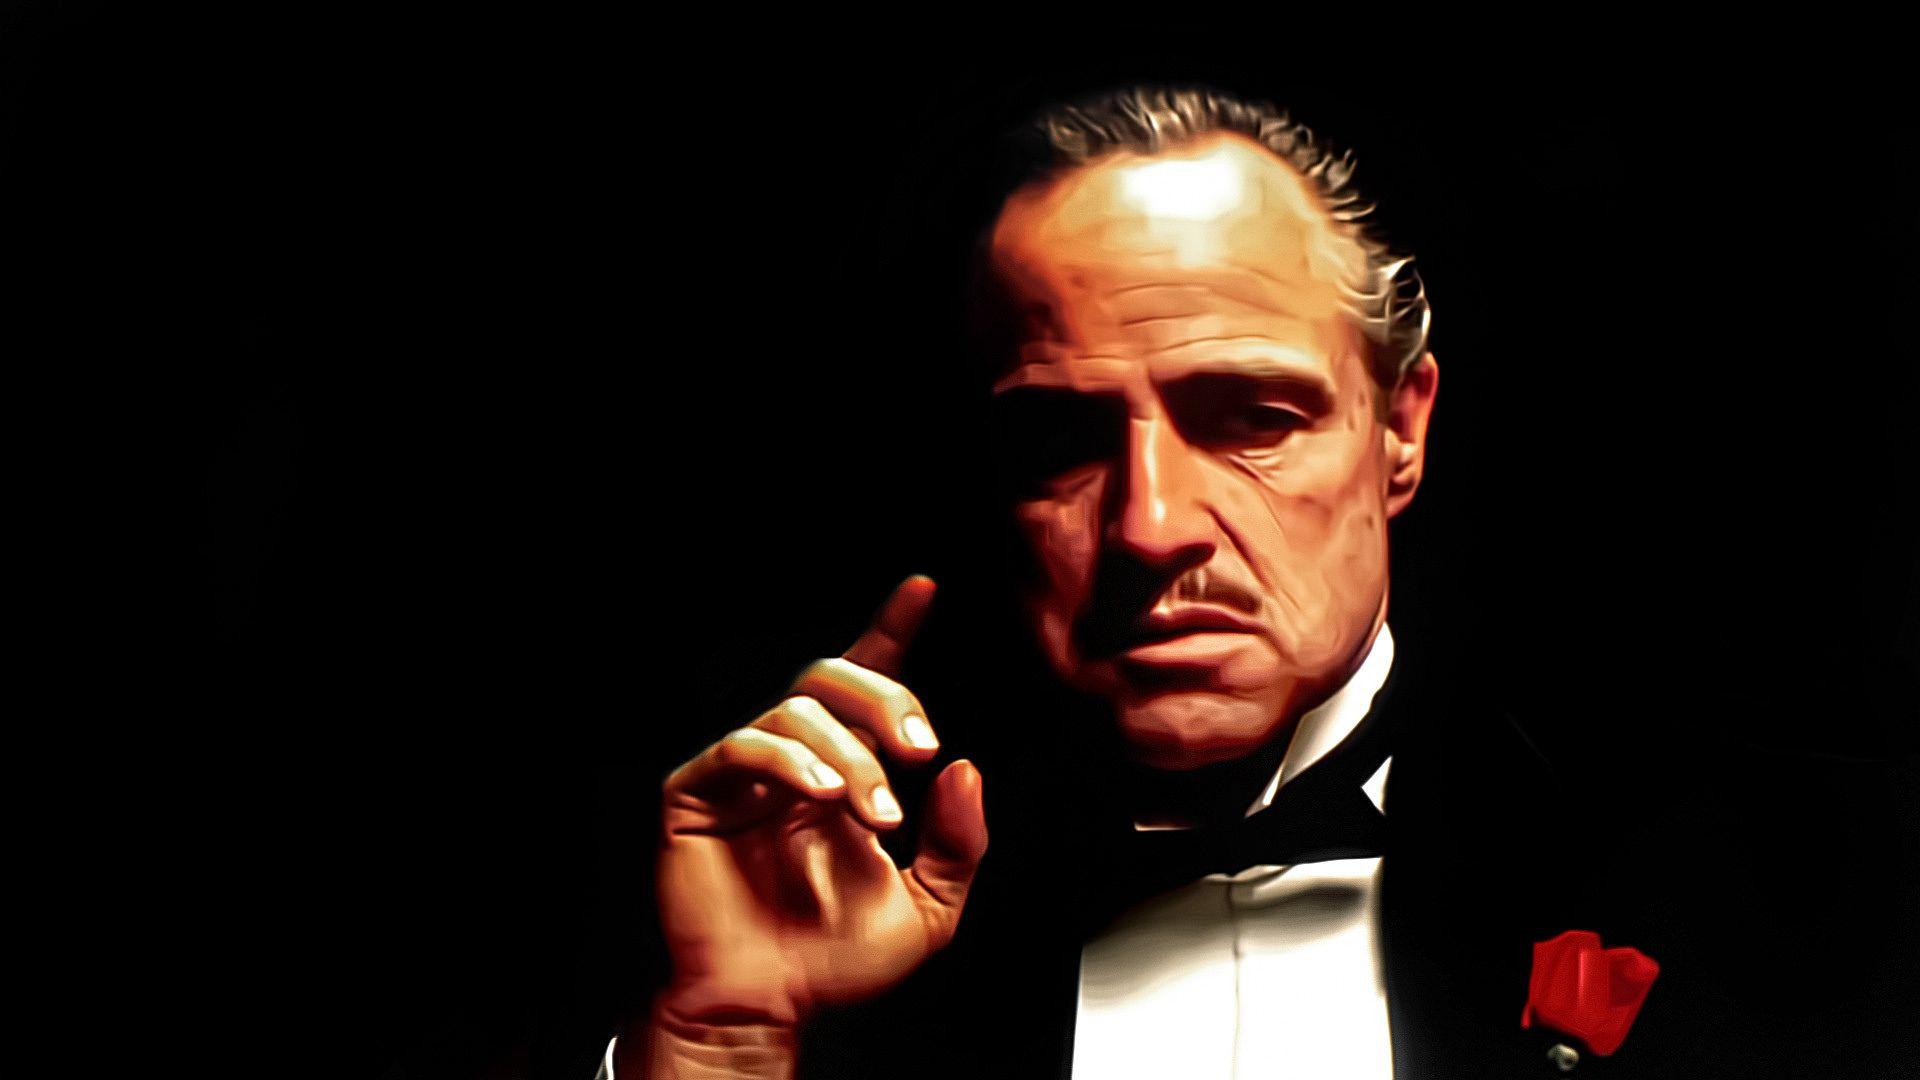 mafia filme top 20